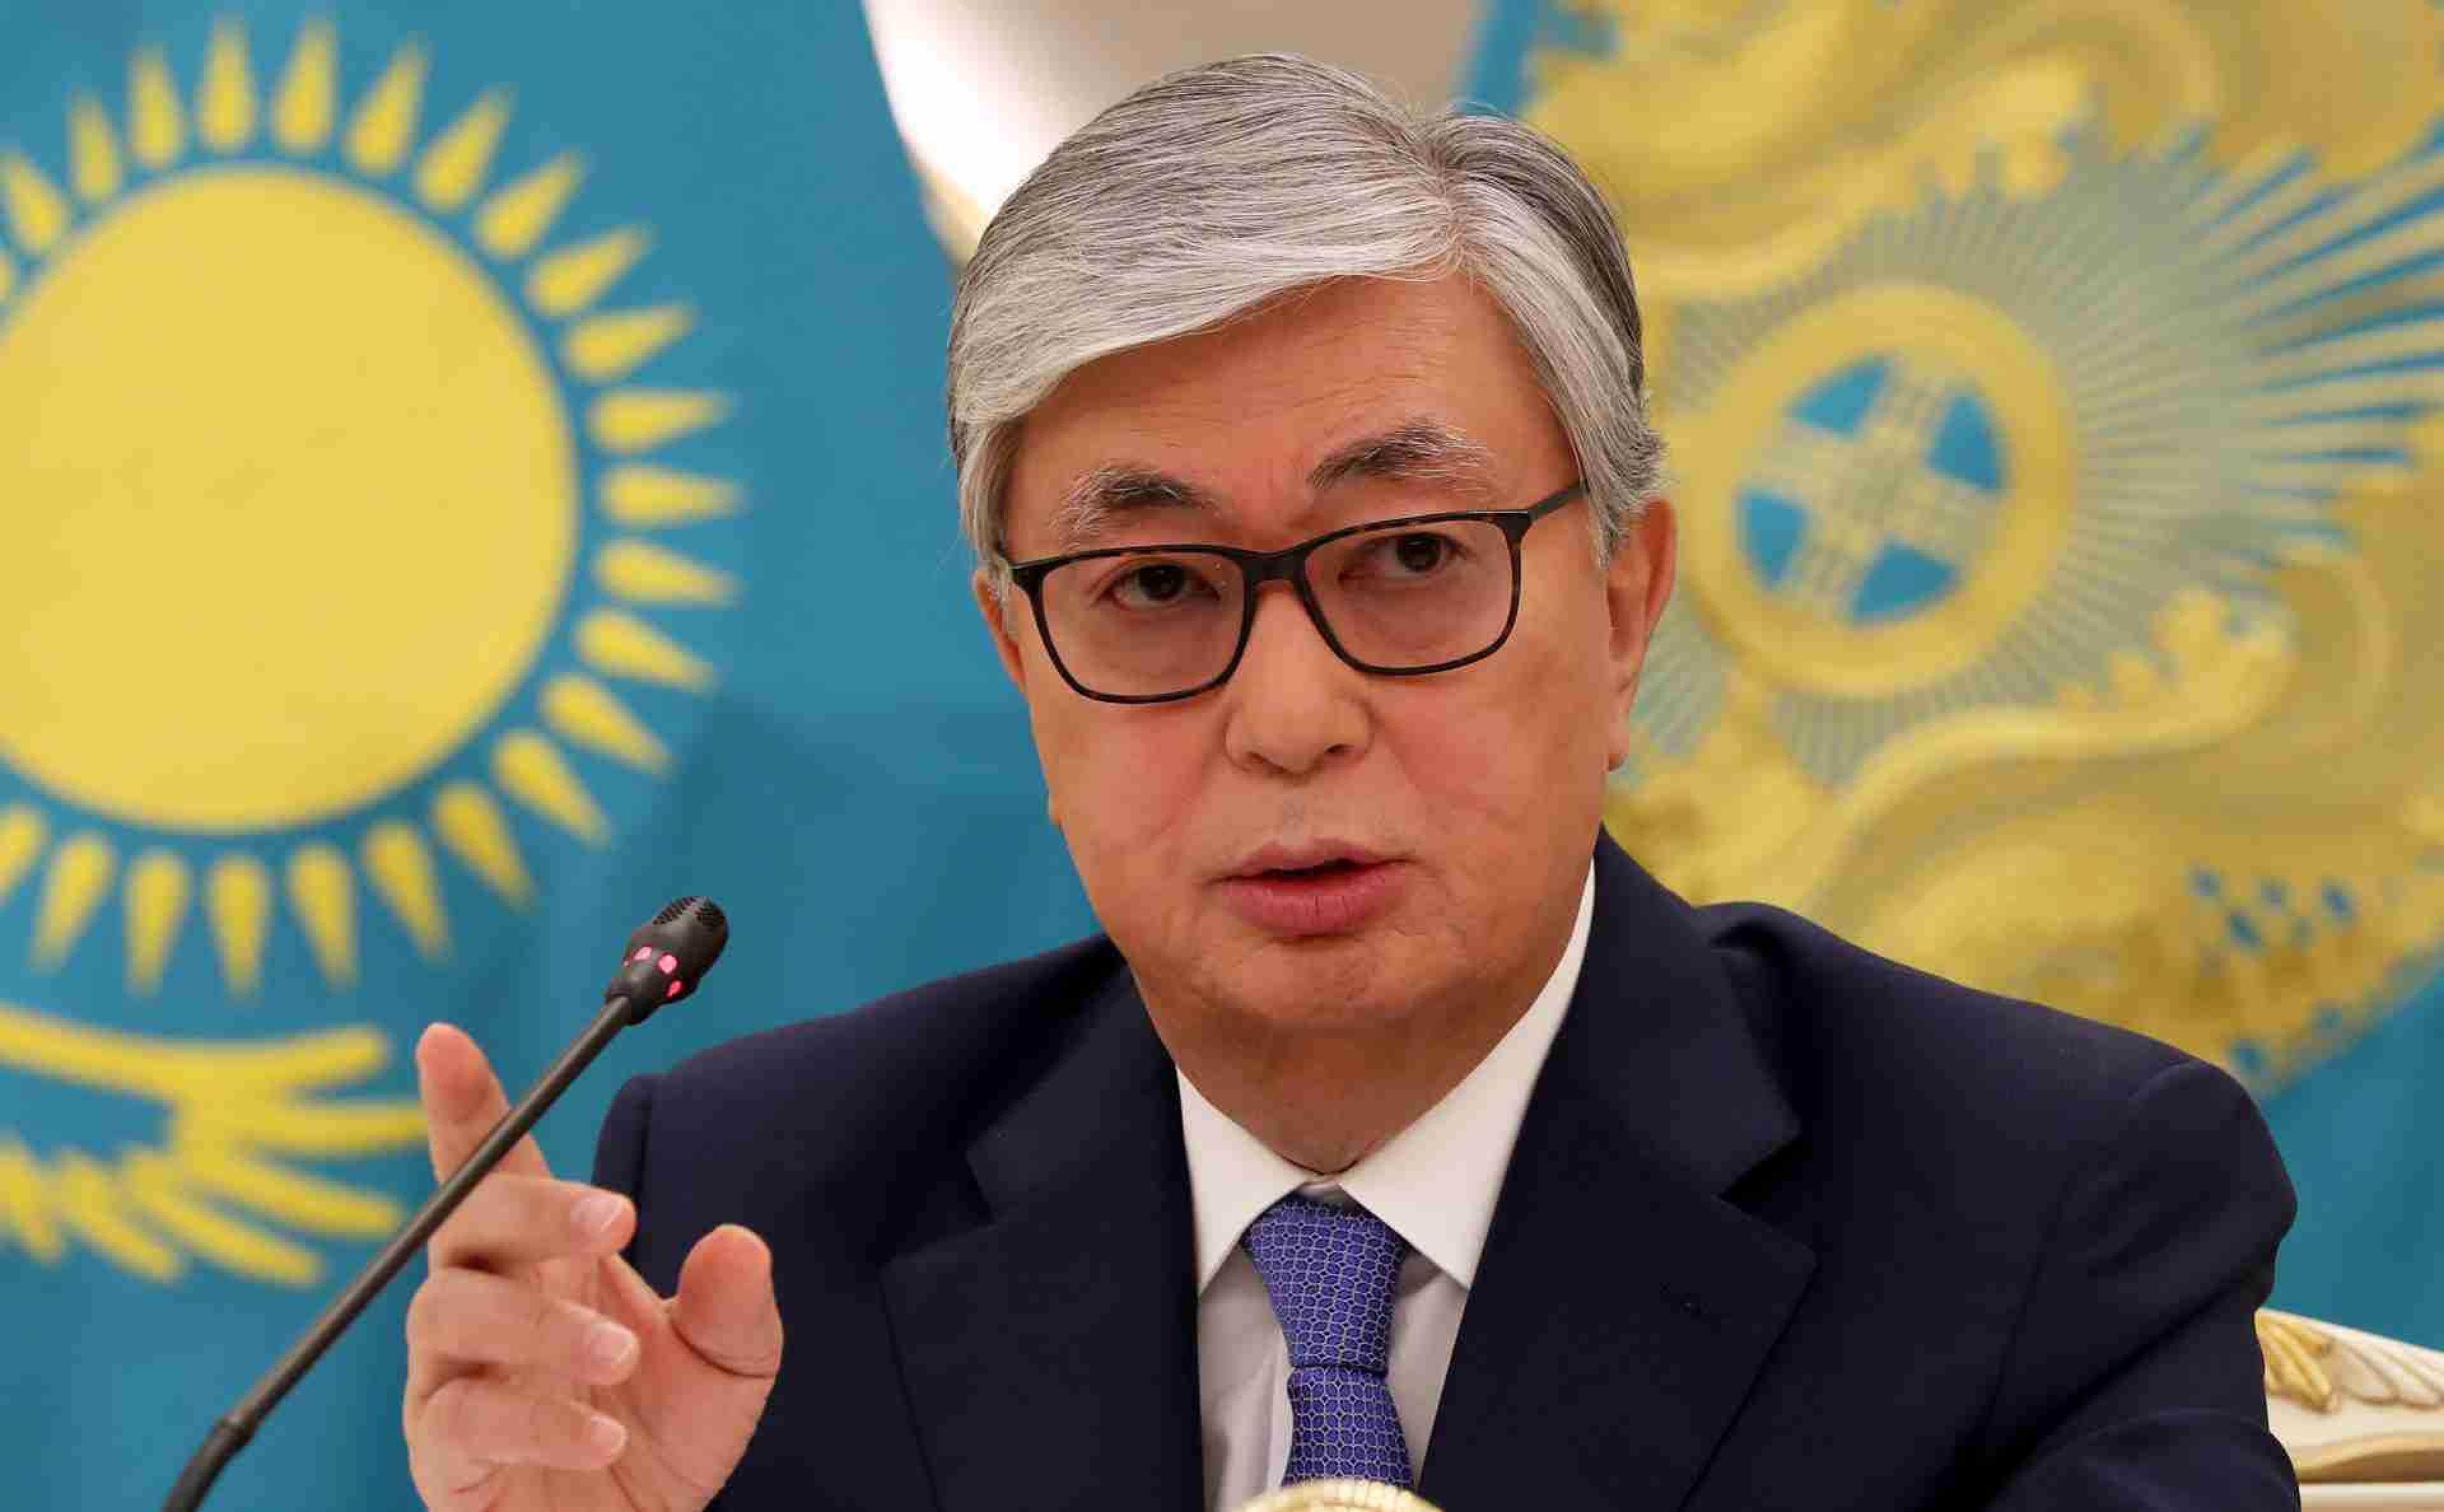 Популяризация казахского языка: Токаев представил свою программу